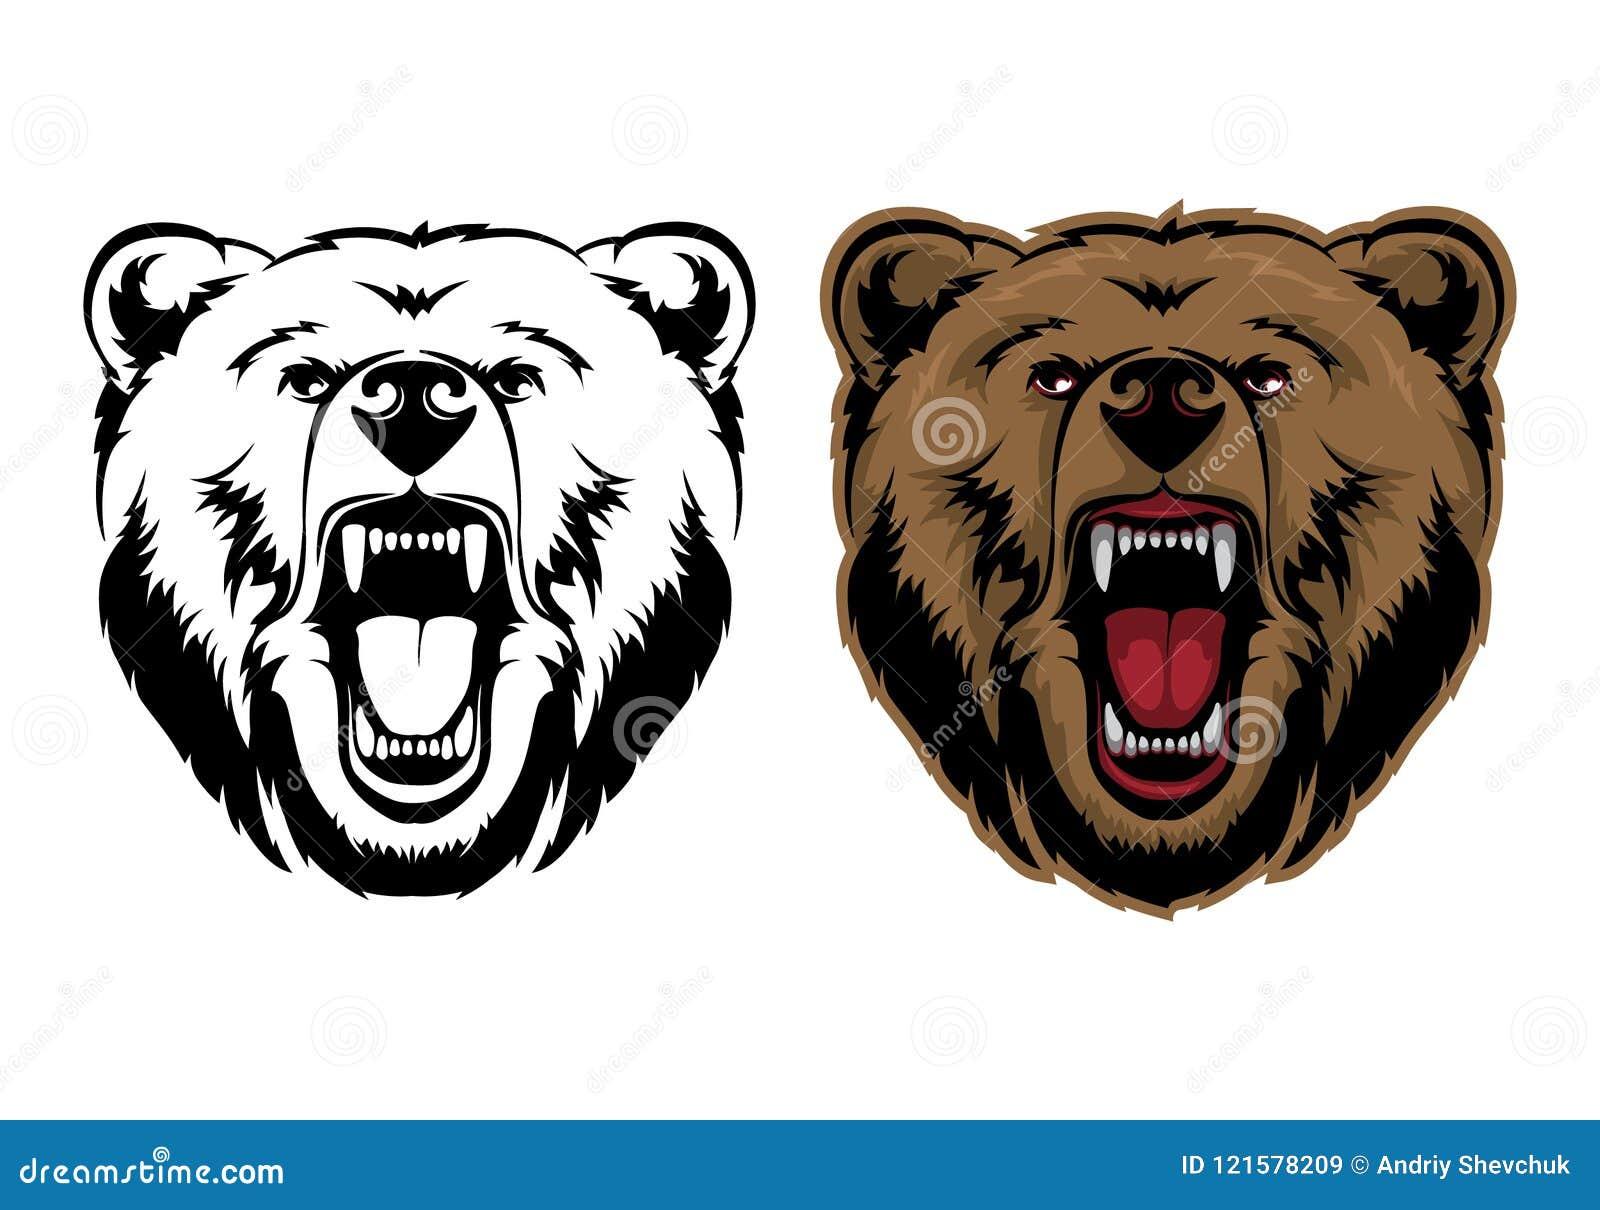 北美灰熊吉祥人头向量图形